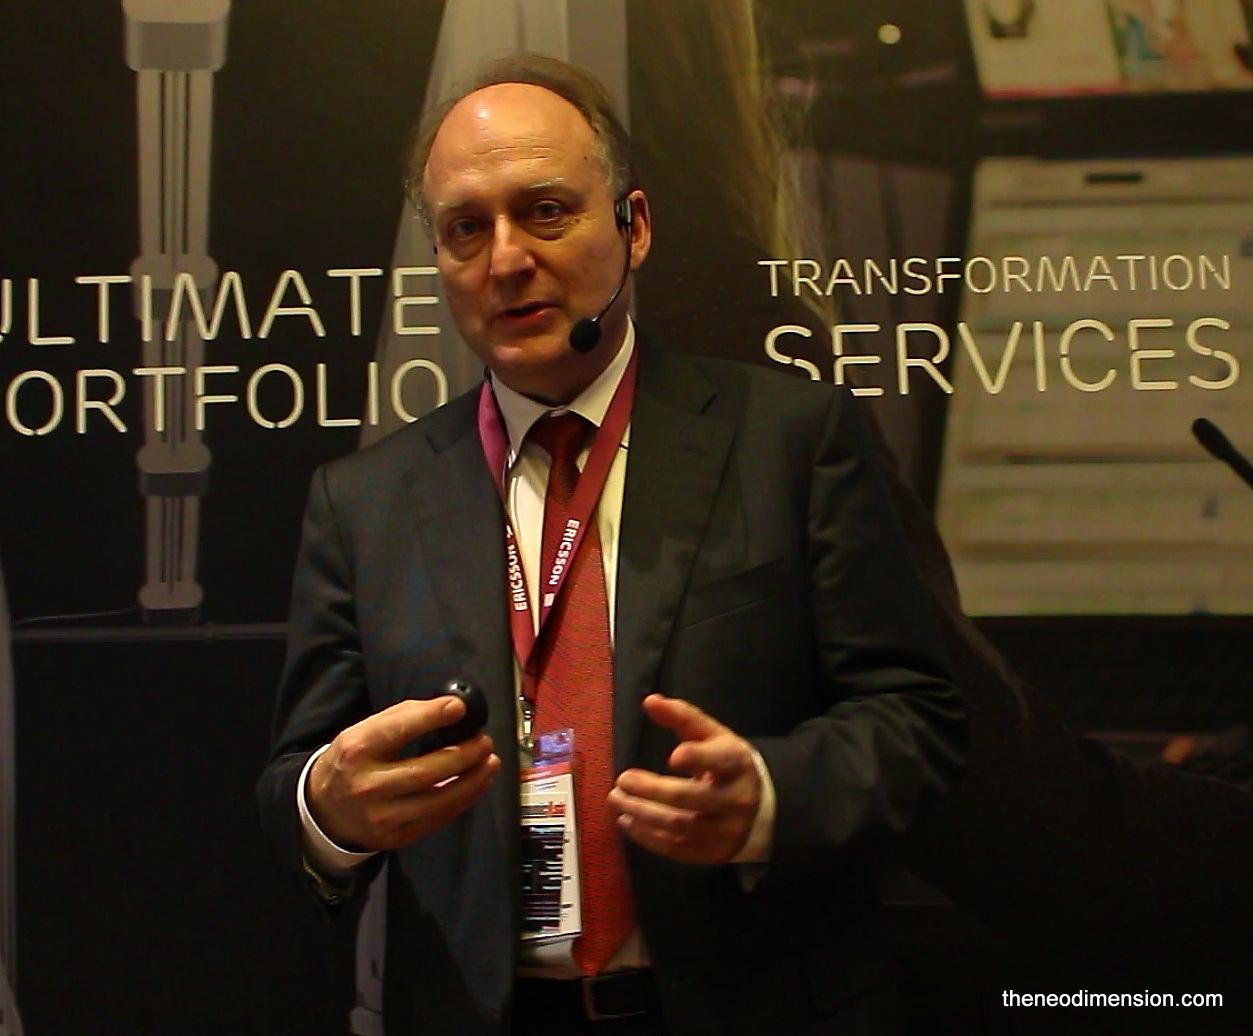 Magnus Ewerbring, CTO Asia Pacific, Ericsson